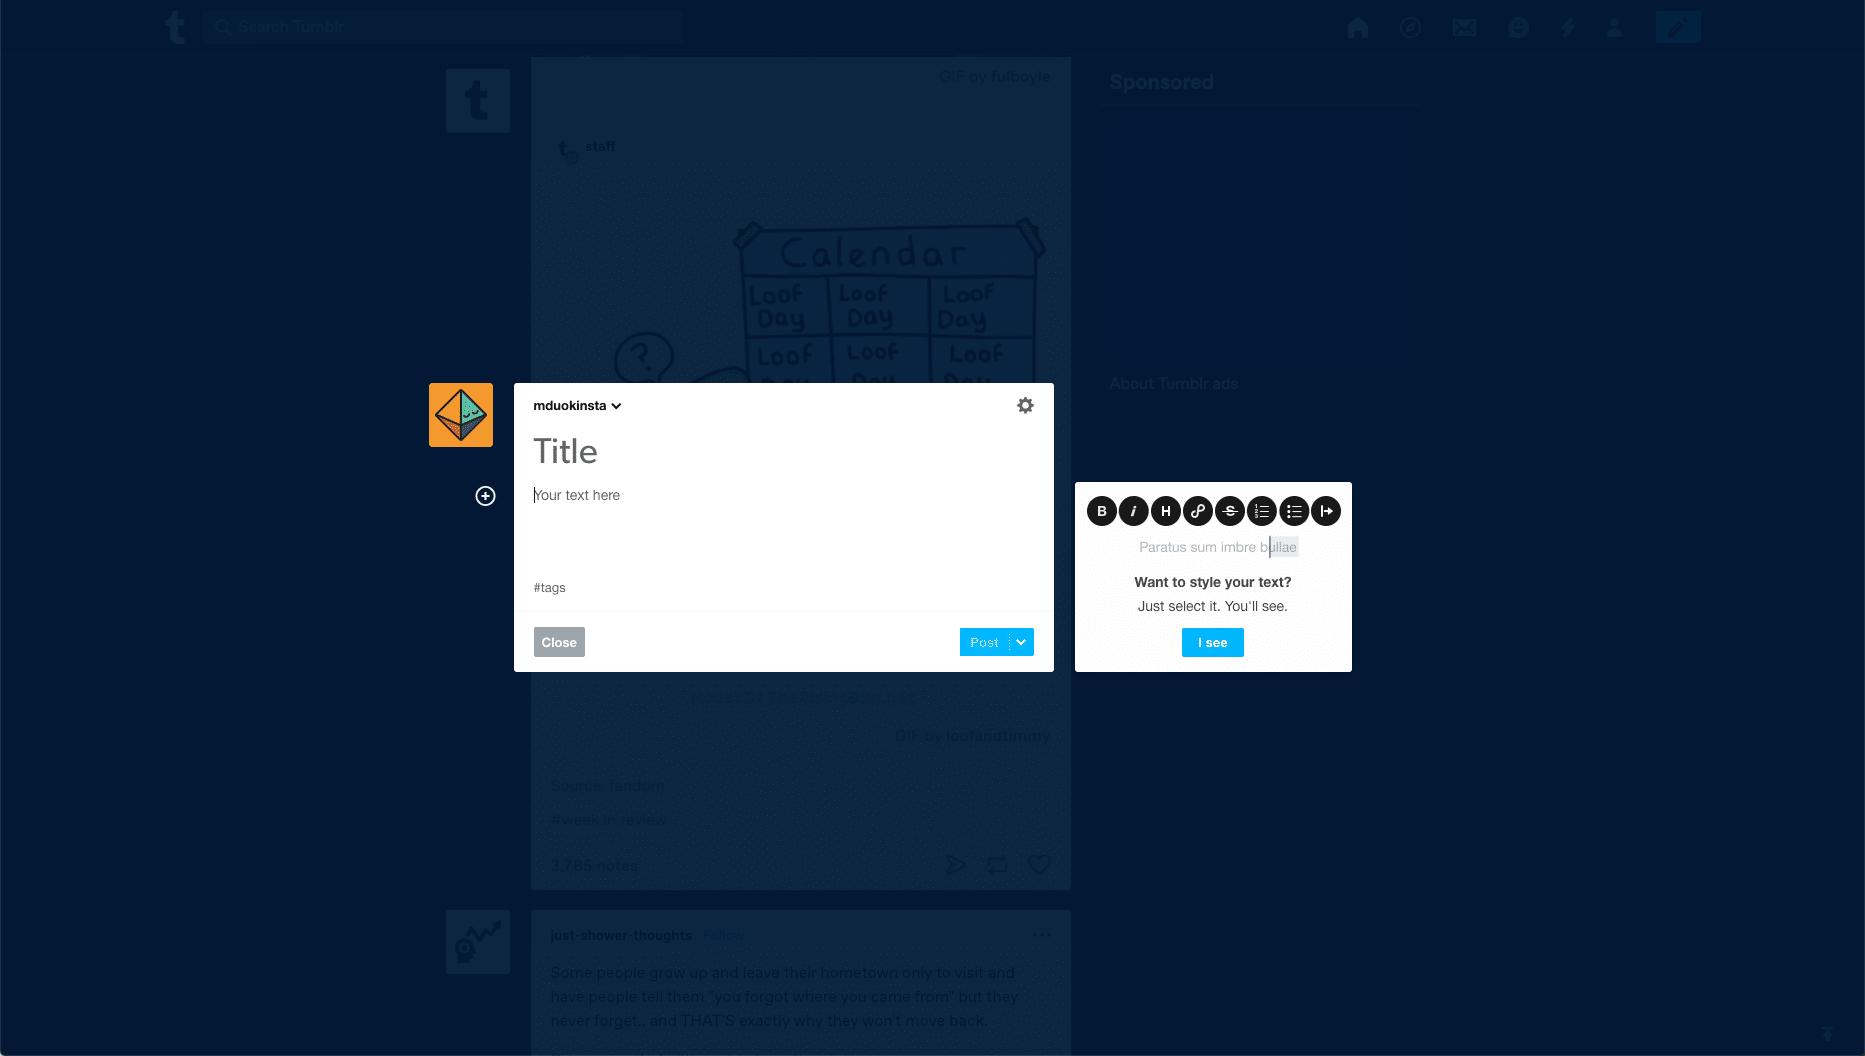 Tumblrのインターフェース